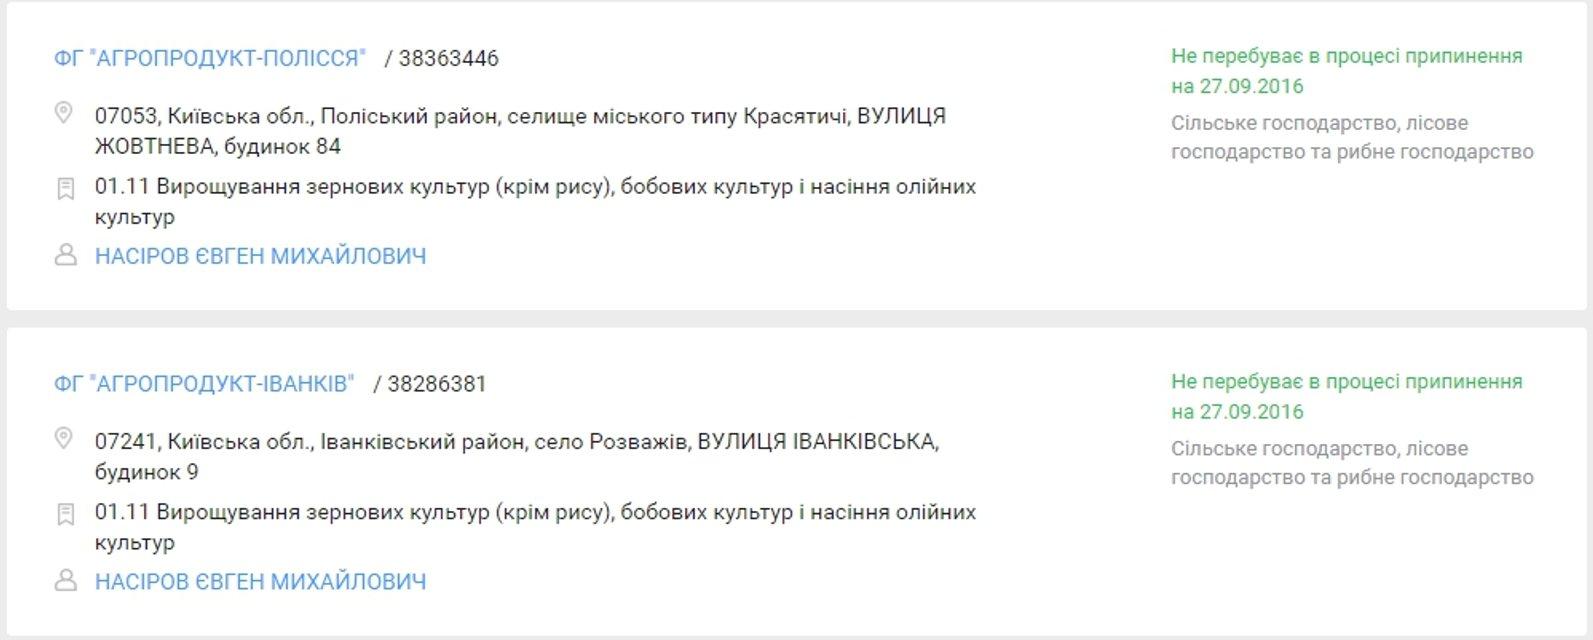 """""""Успешный"""" брат Насирова владеет пятью фирмами, а у тестя - миллиардный стройбизнес - фото 37611"""